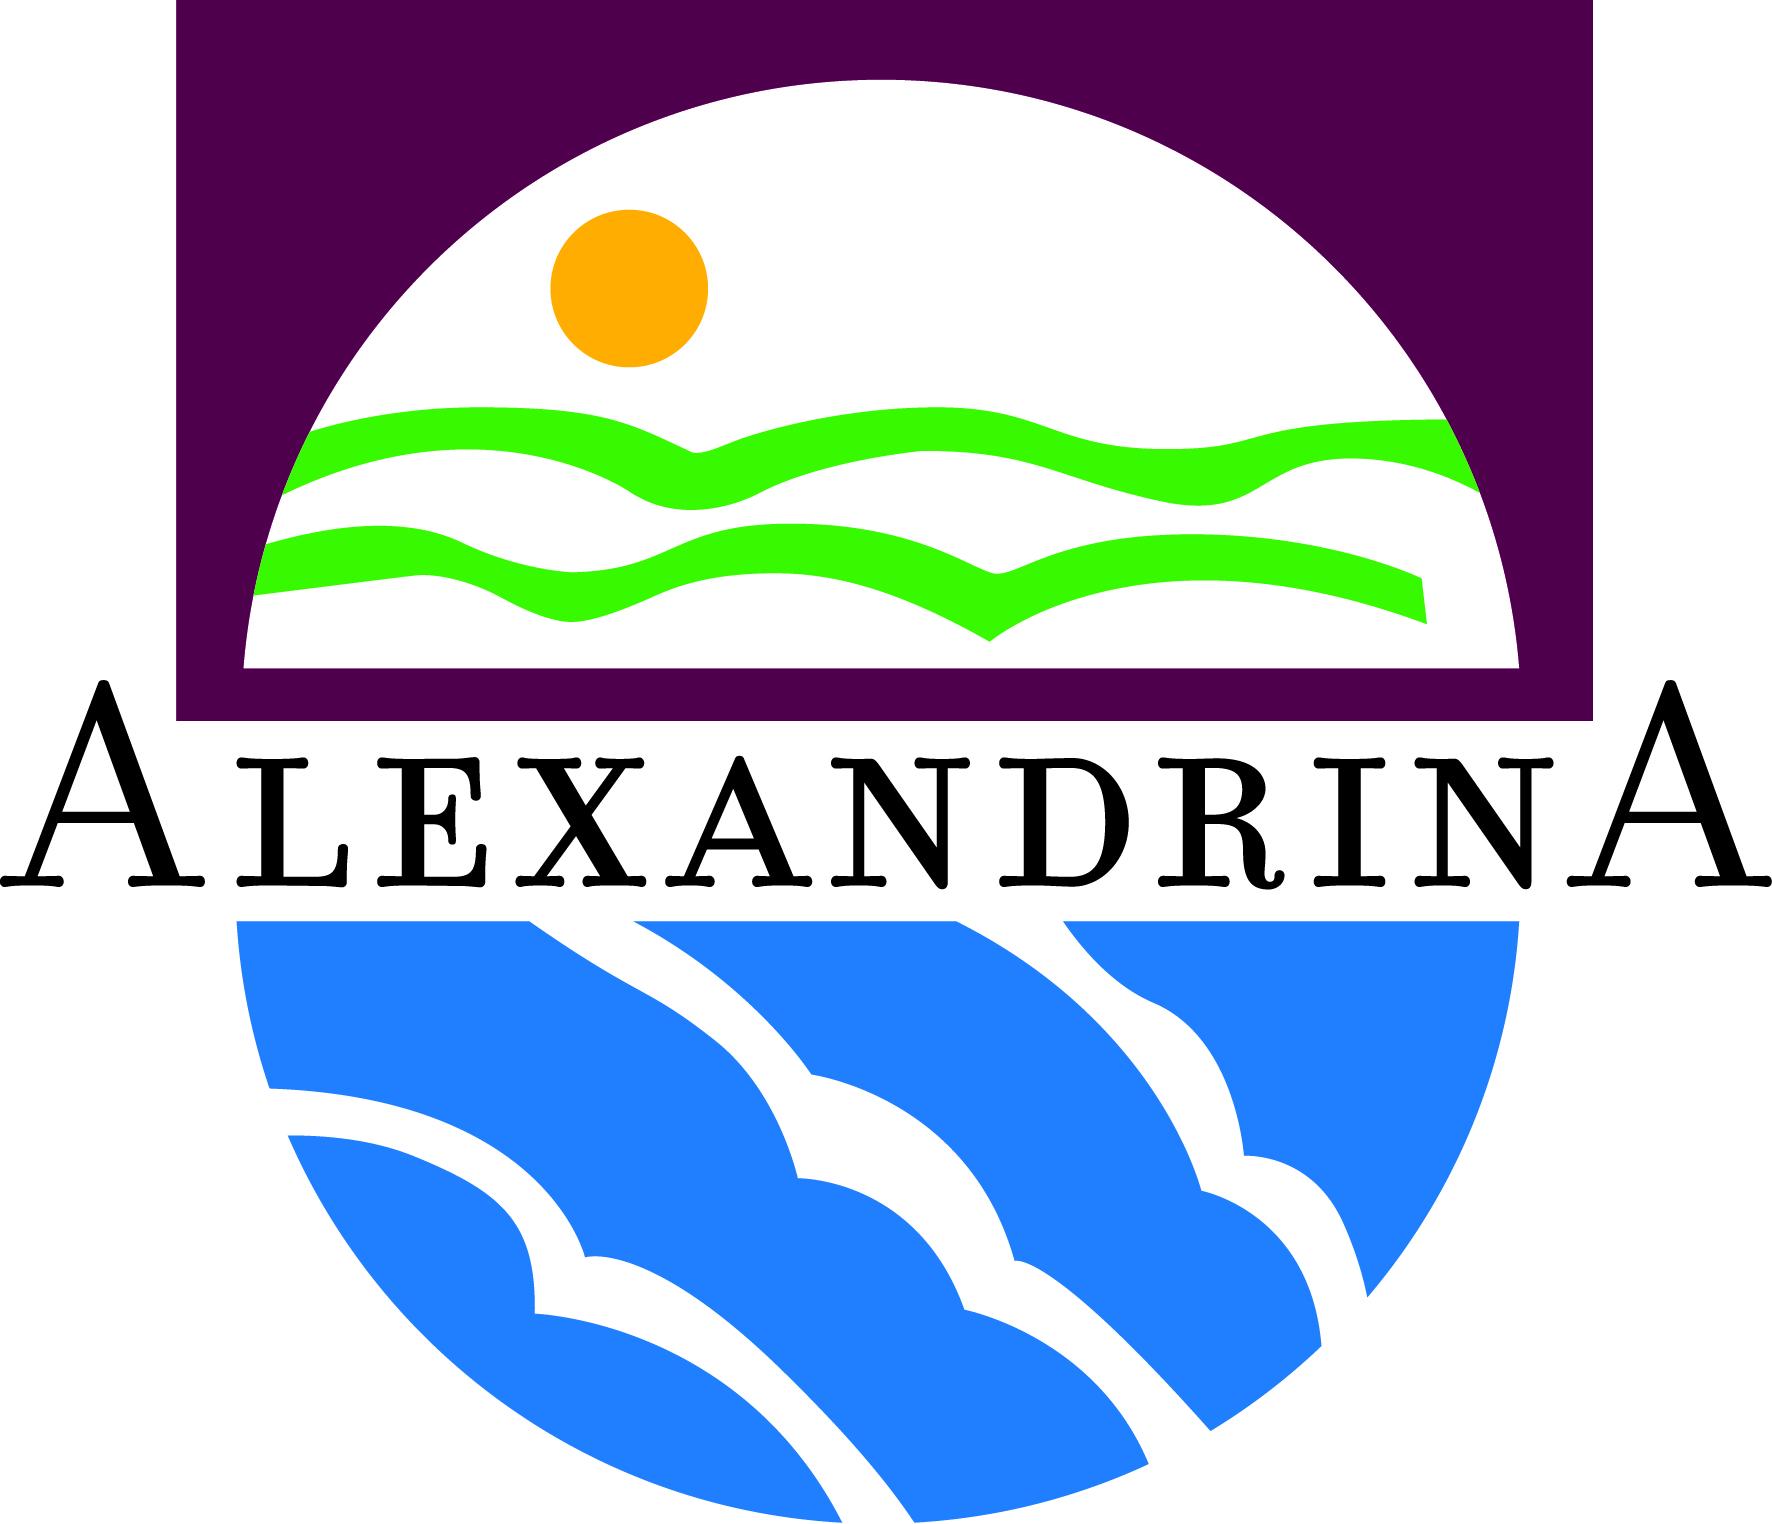 Alexandrina_RGB.jpg